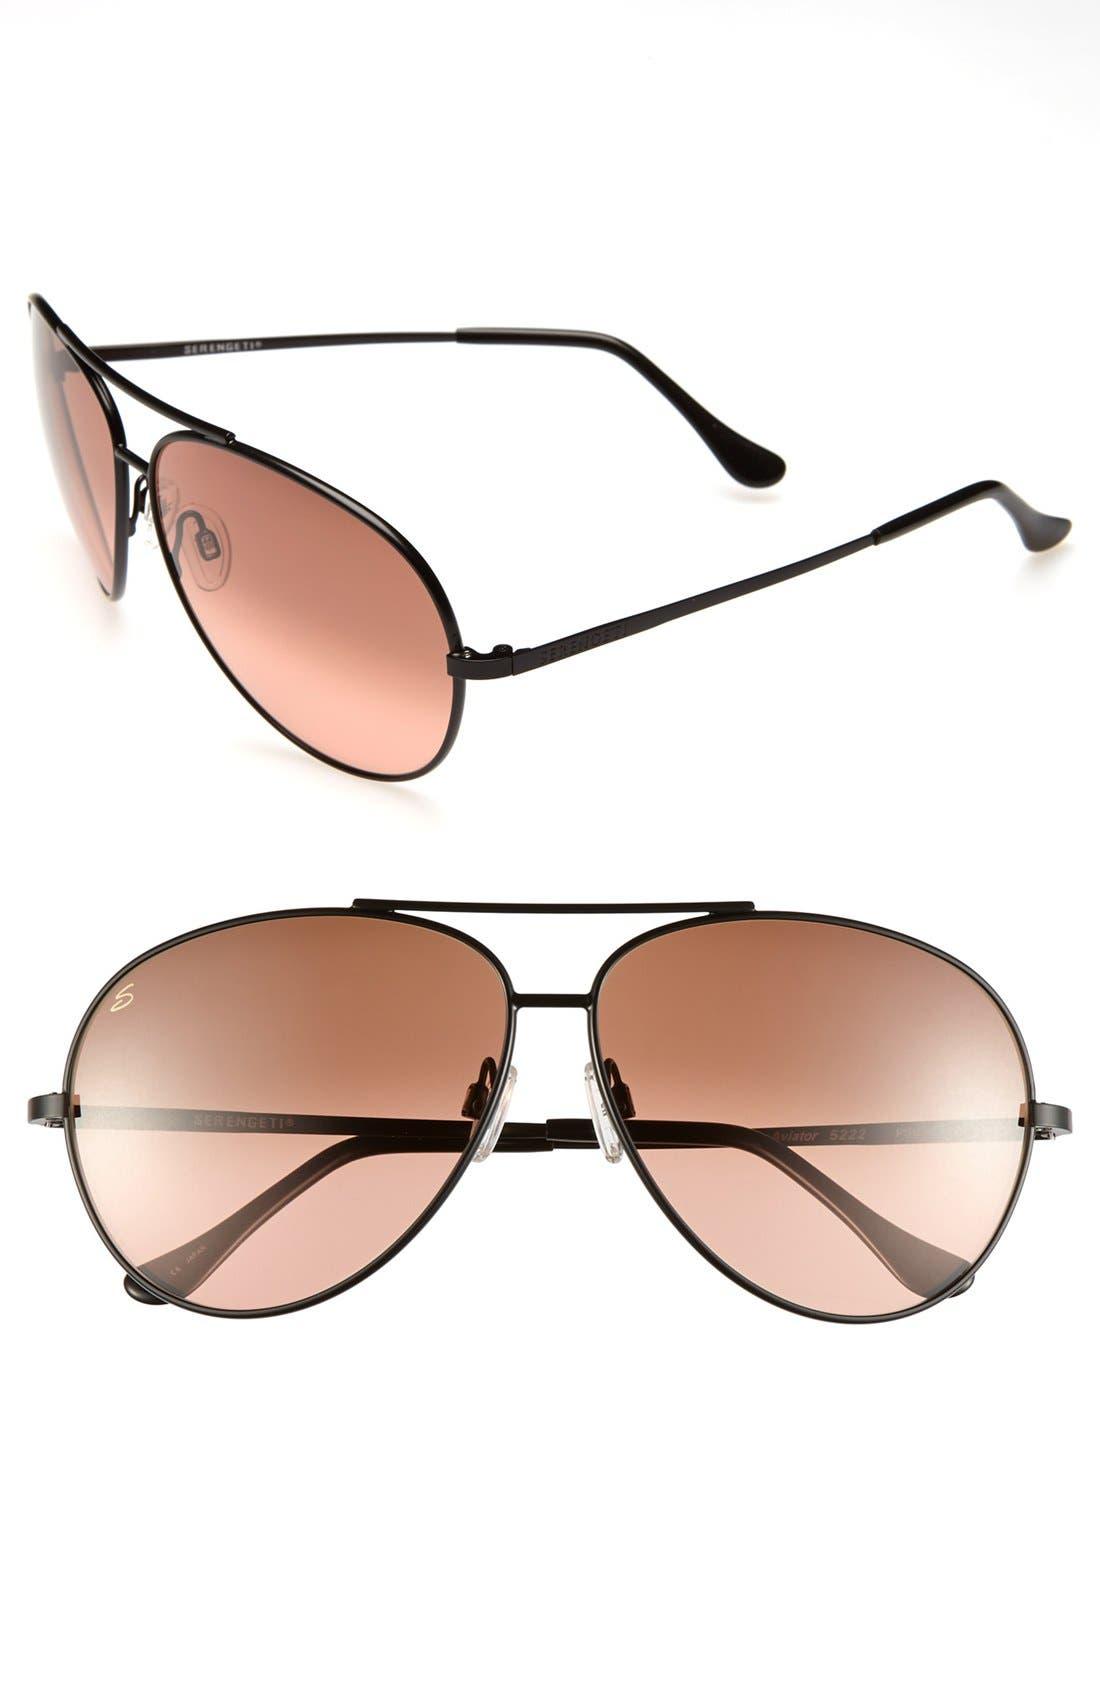 Main Image - Serengeti Polarized 68mm Large Aviator Sunglasses